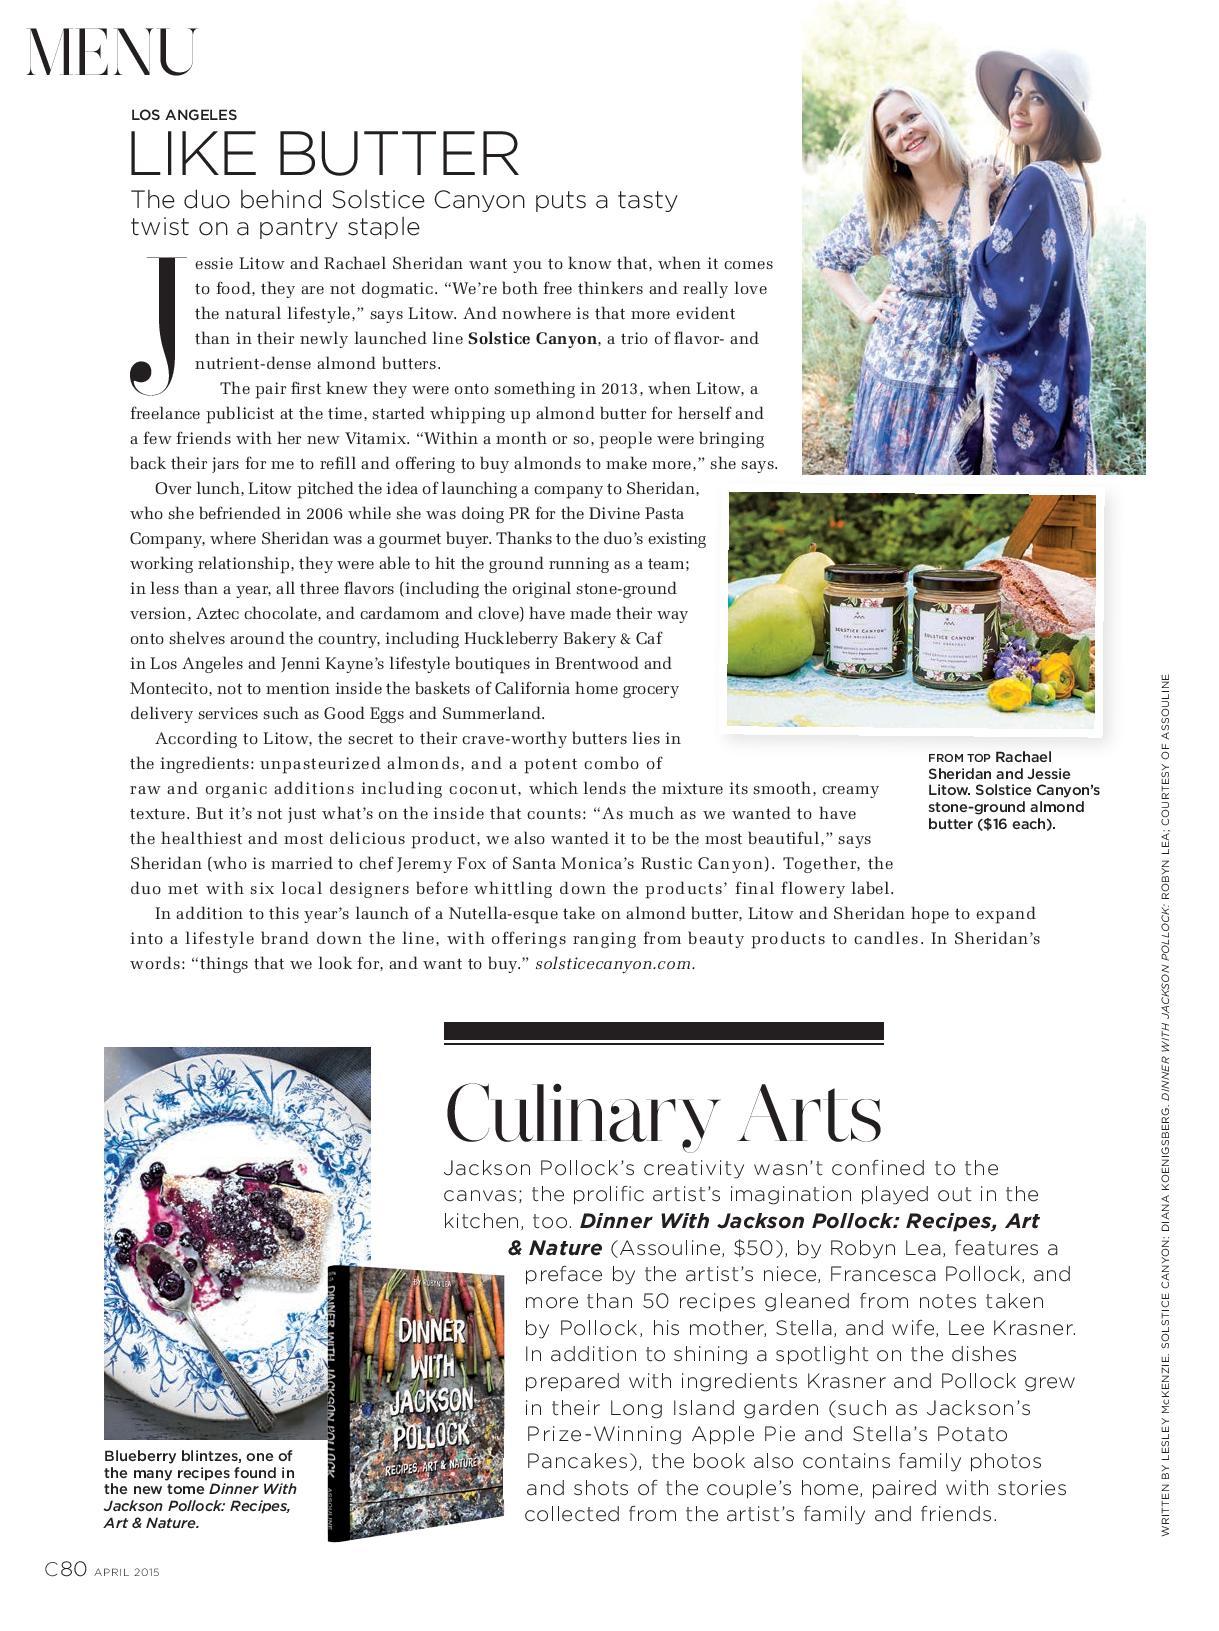 Culinary Arts,April 2015